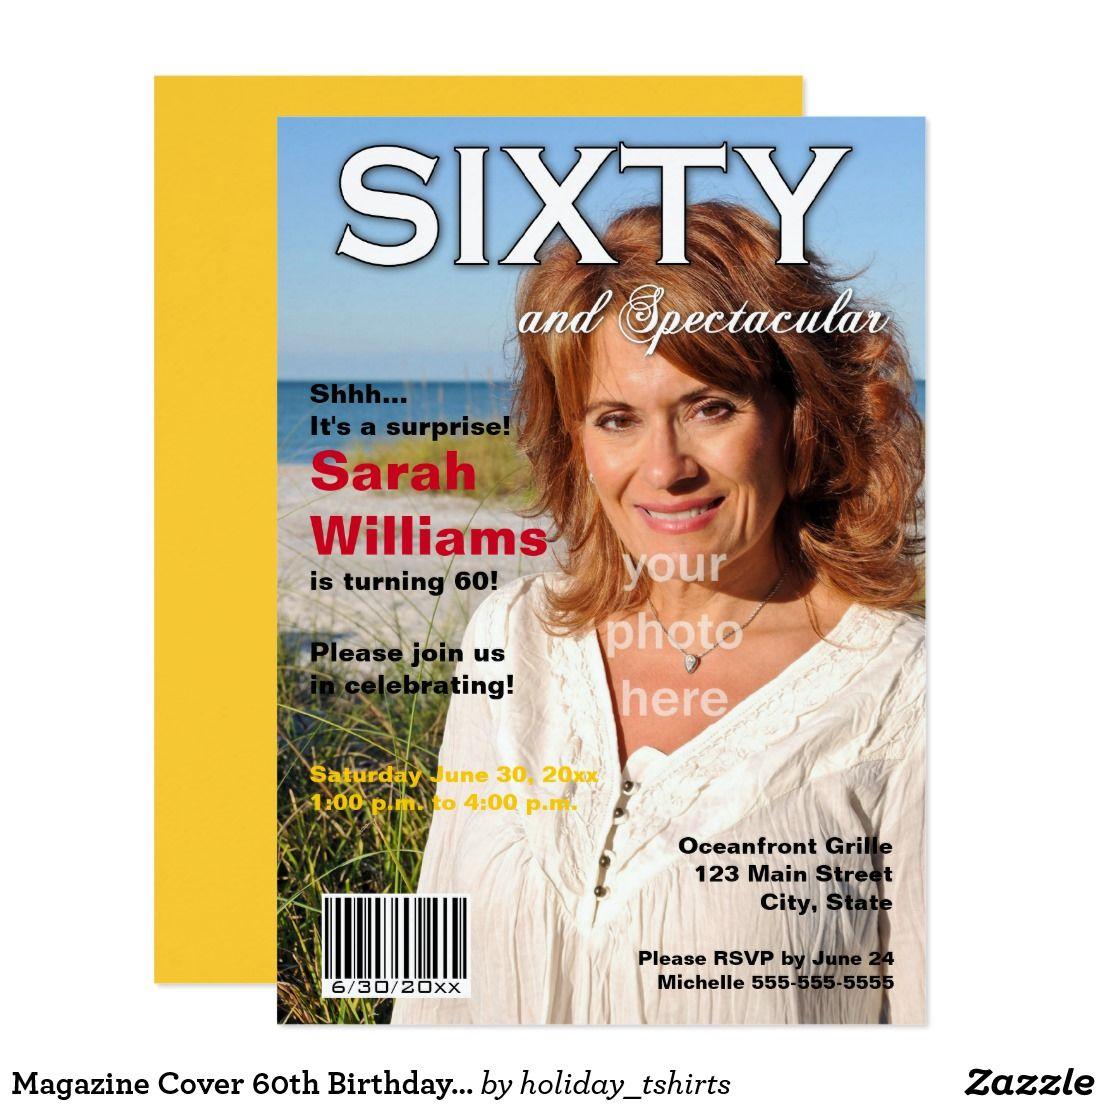 Magazine Cover 60th Birthday Party Invitation | Birthday Invites ...